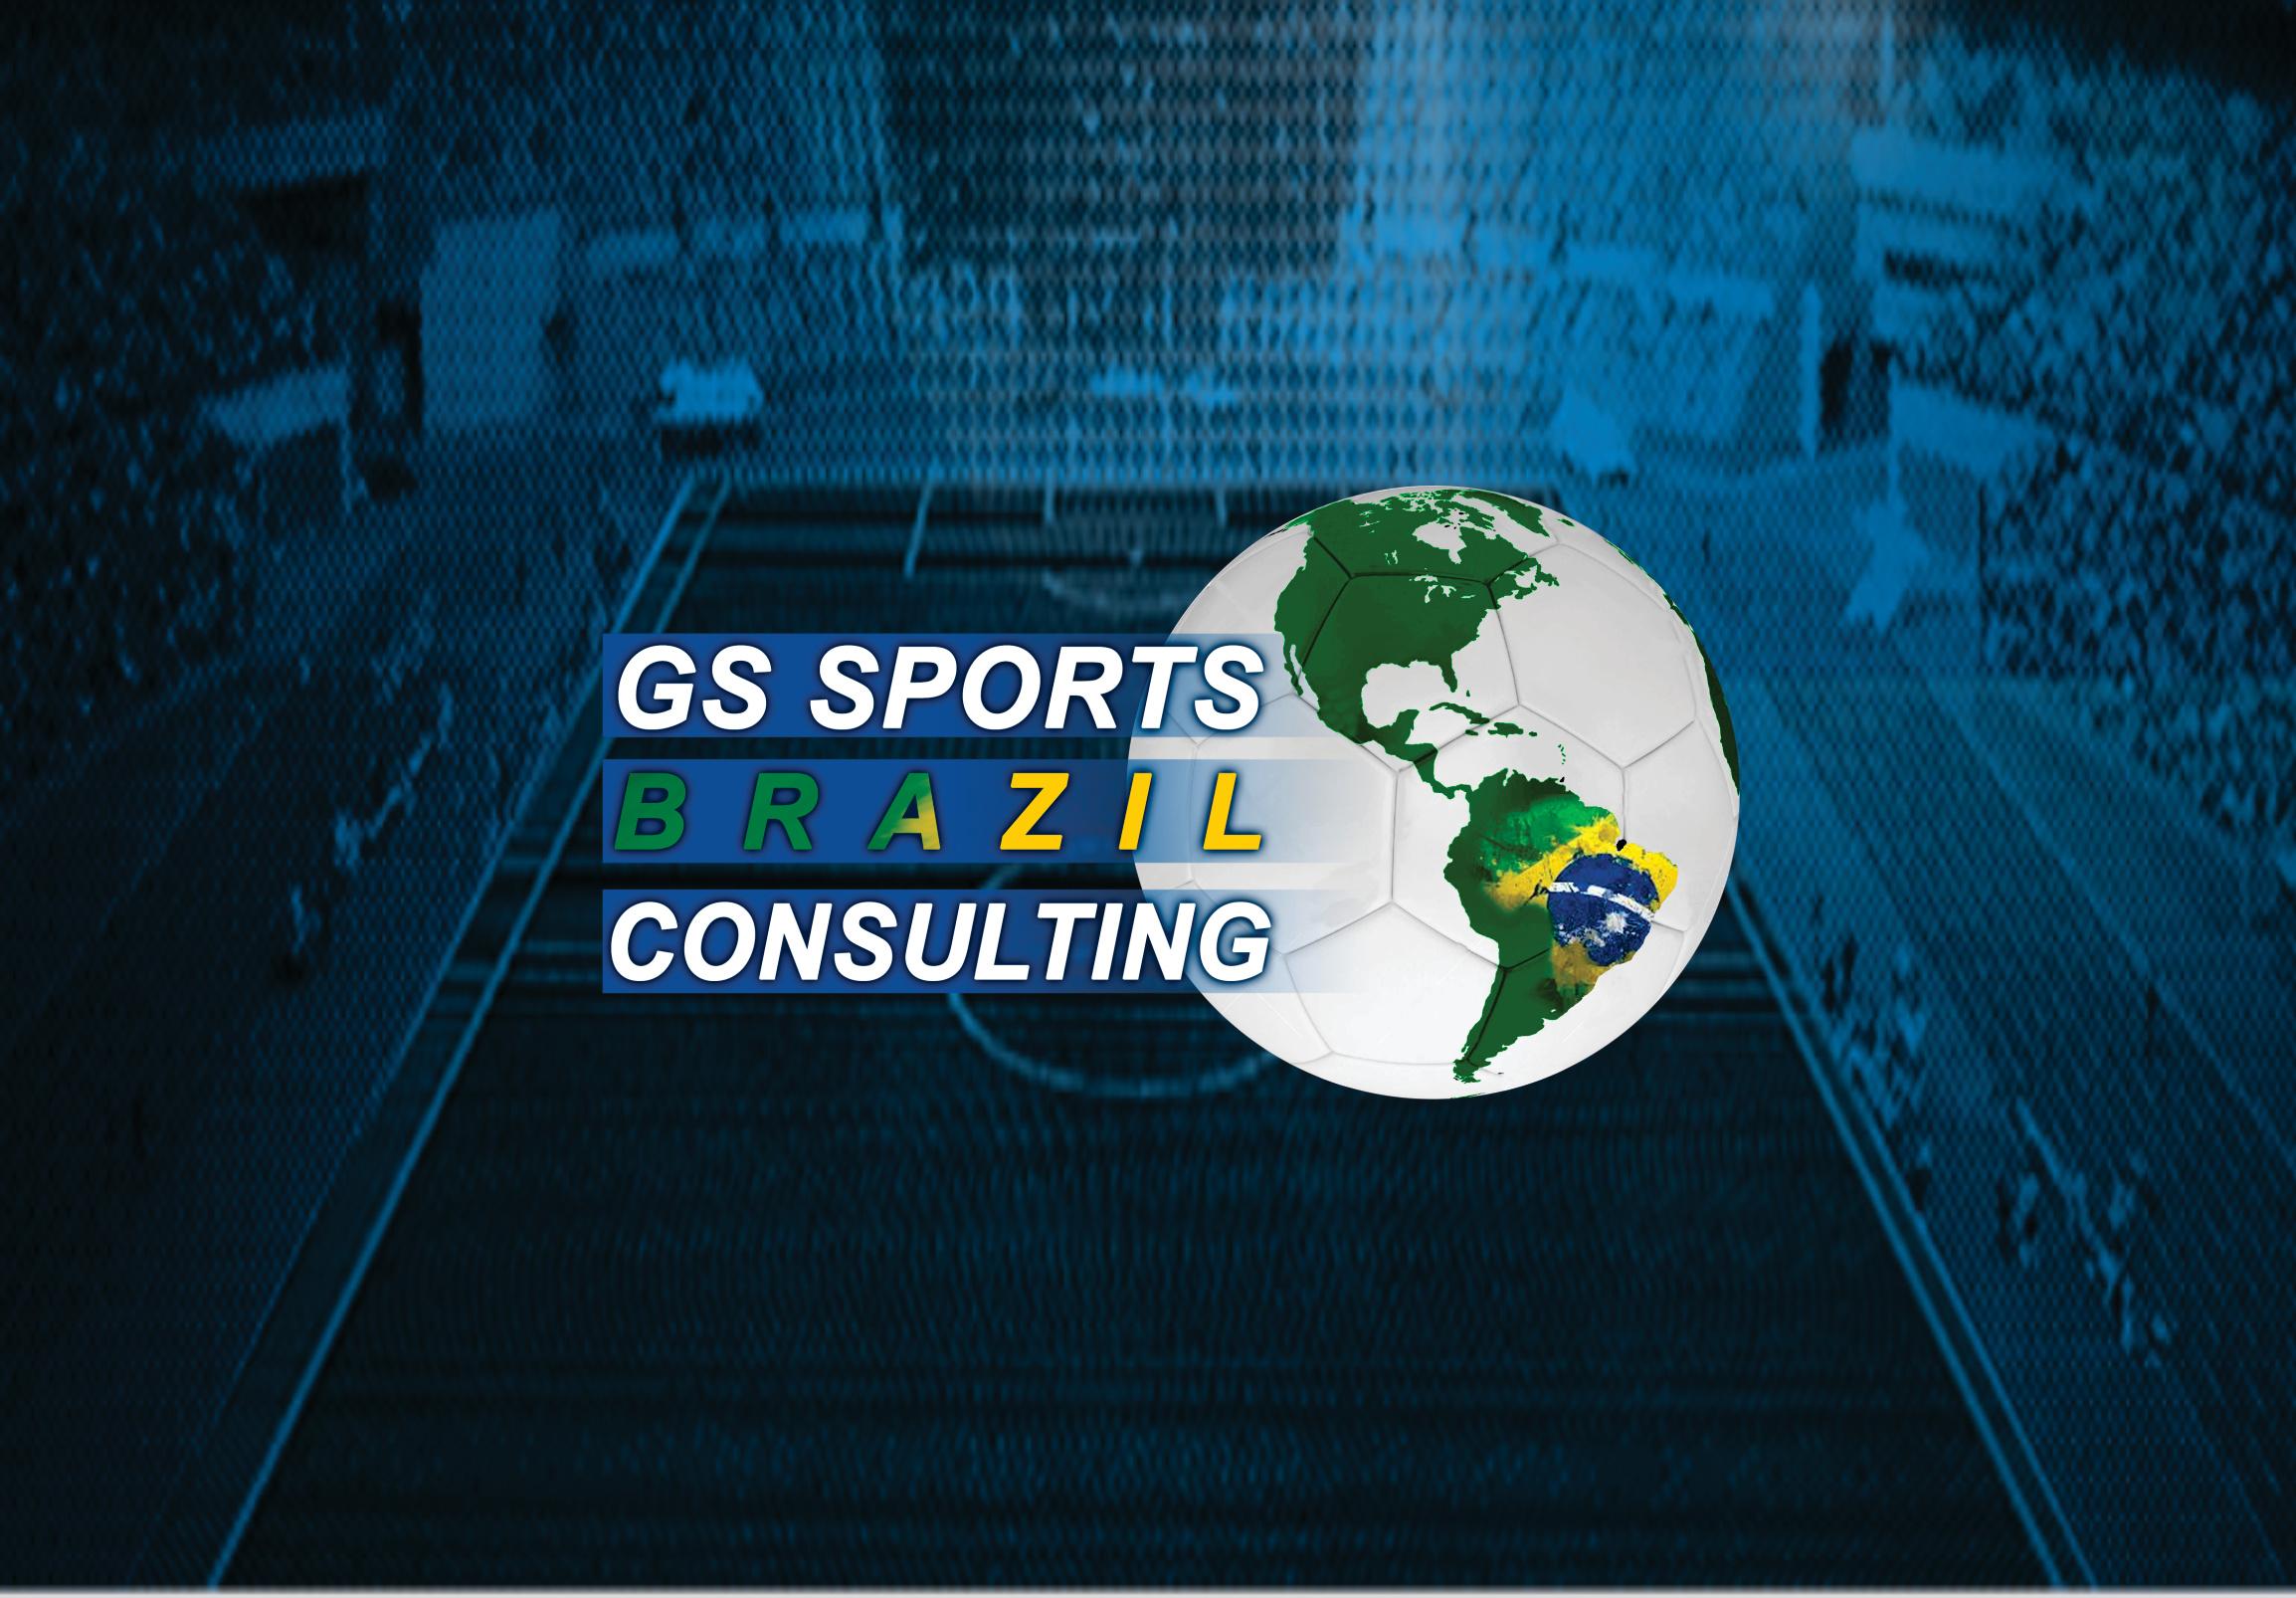 Cliente - GS Sports